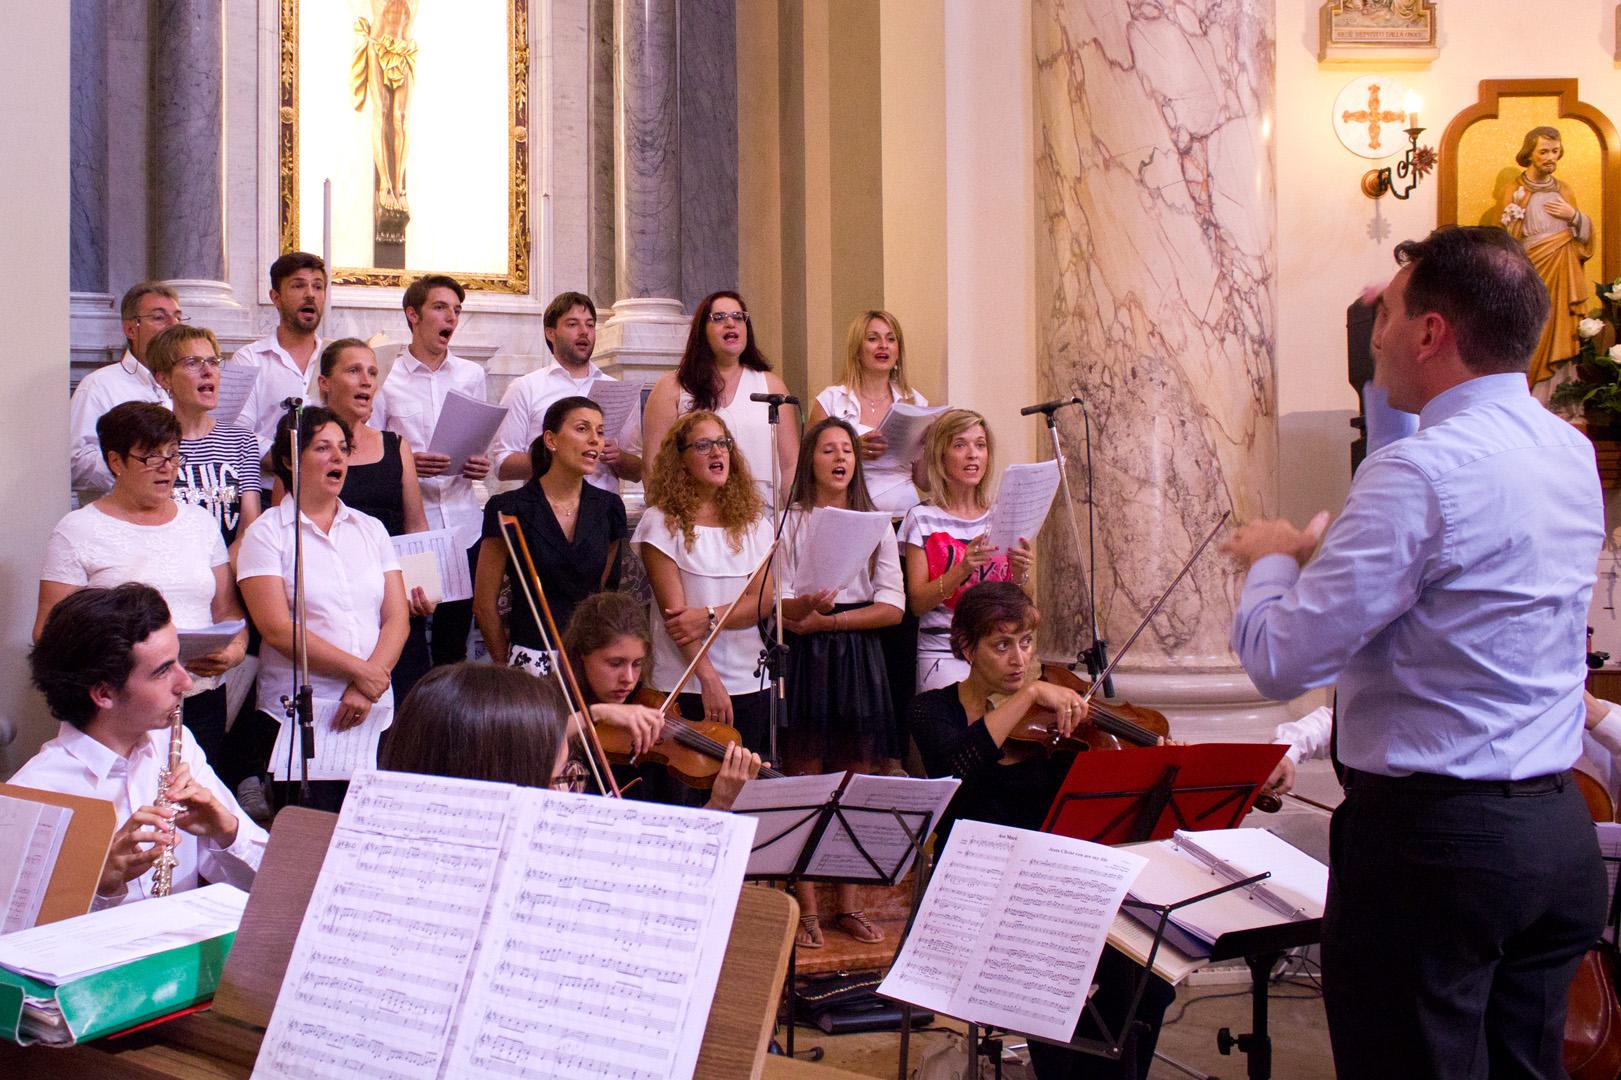 Coro e orchestra per il matrimonio di Elisa a David